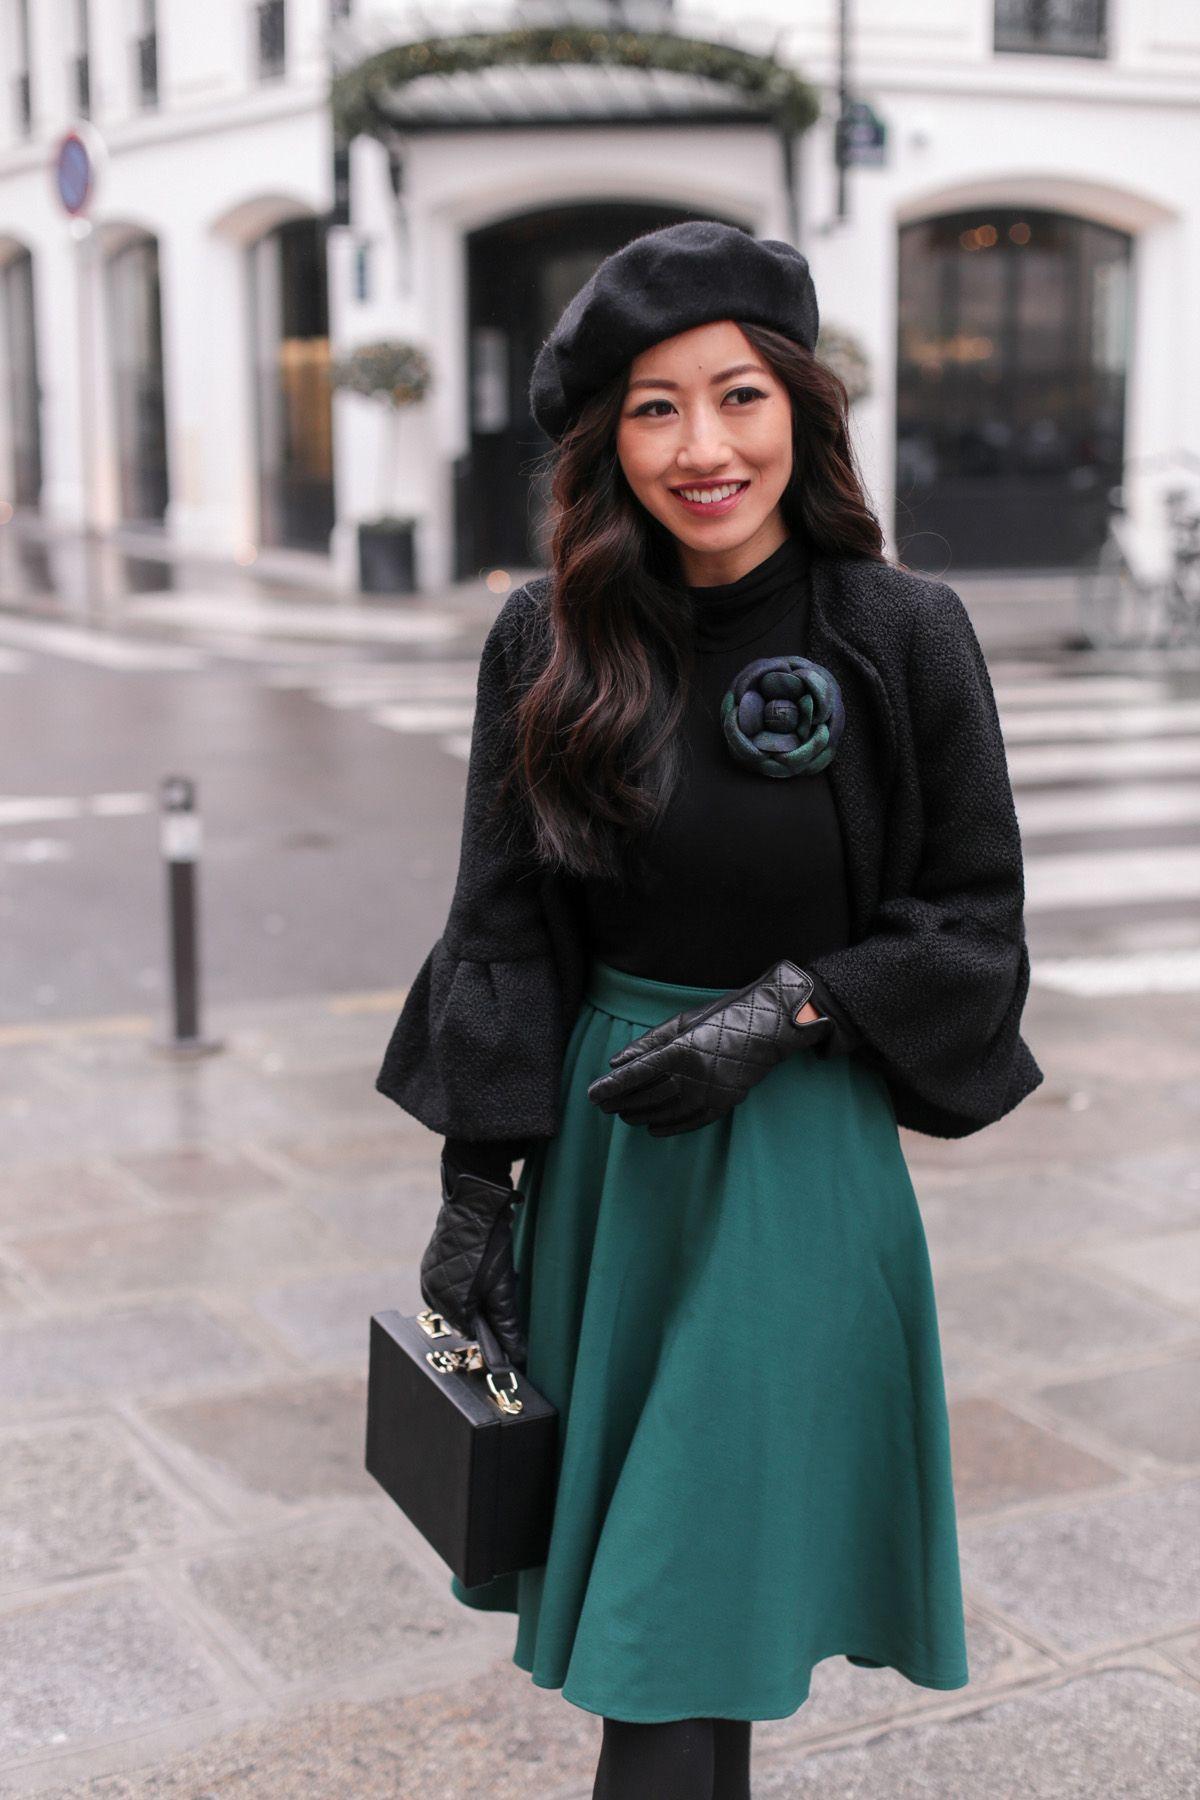 paris style beret hat camellia flower brooch pin e7476c08e4d